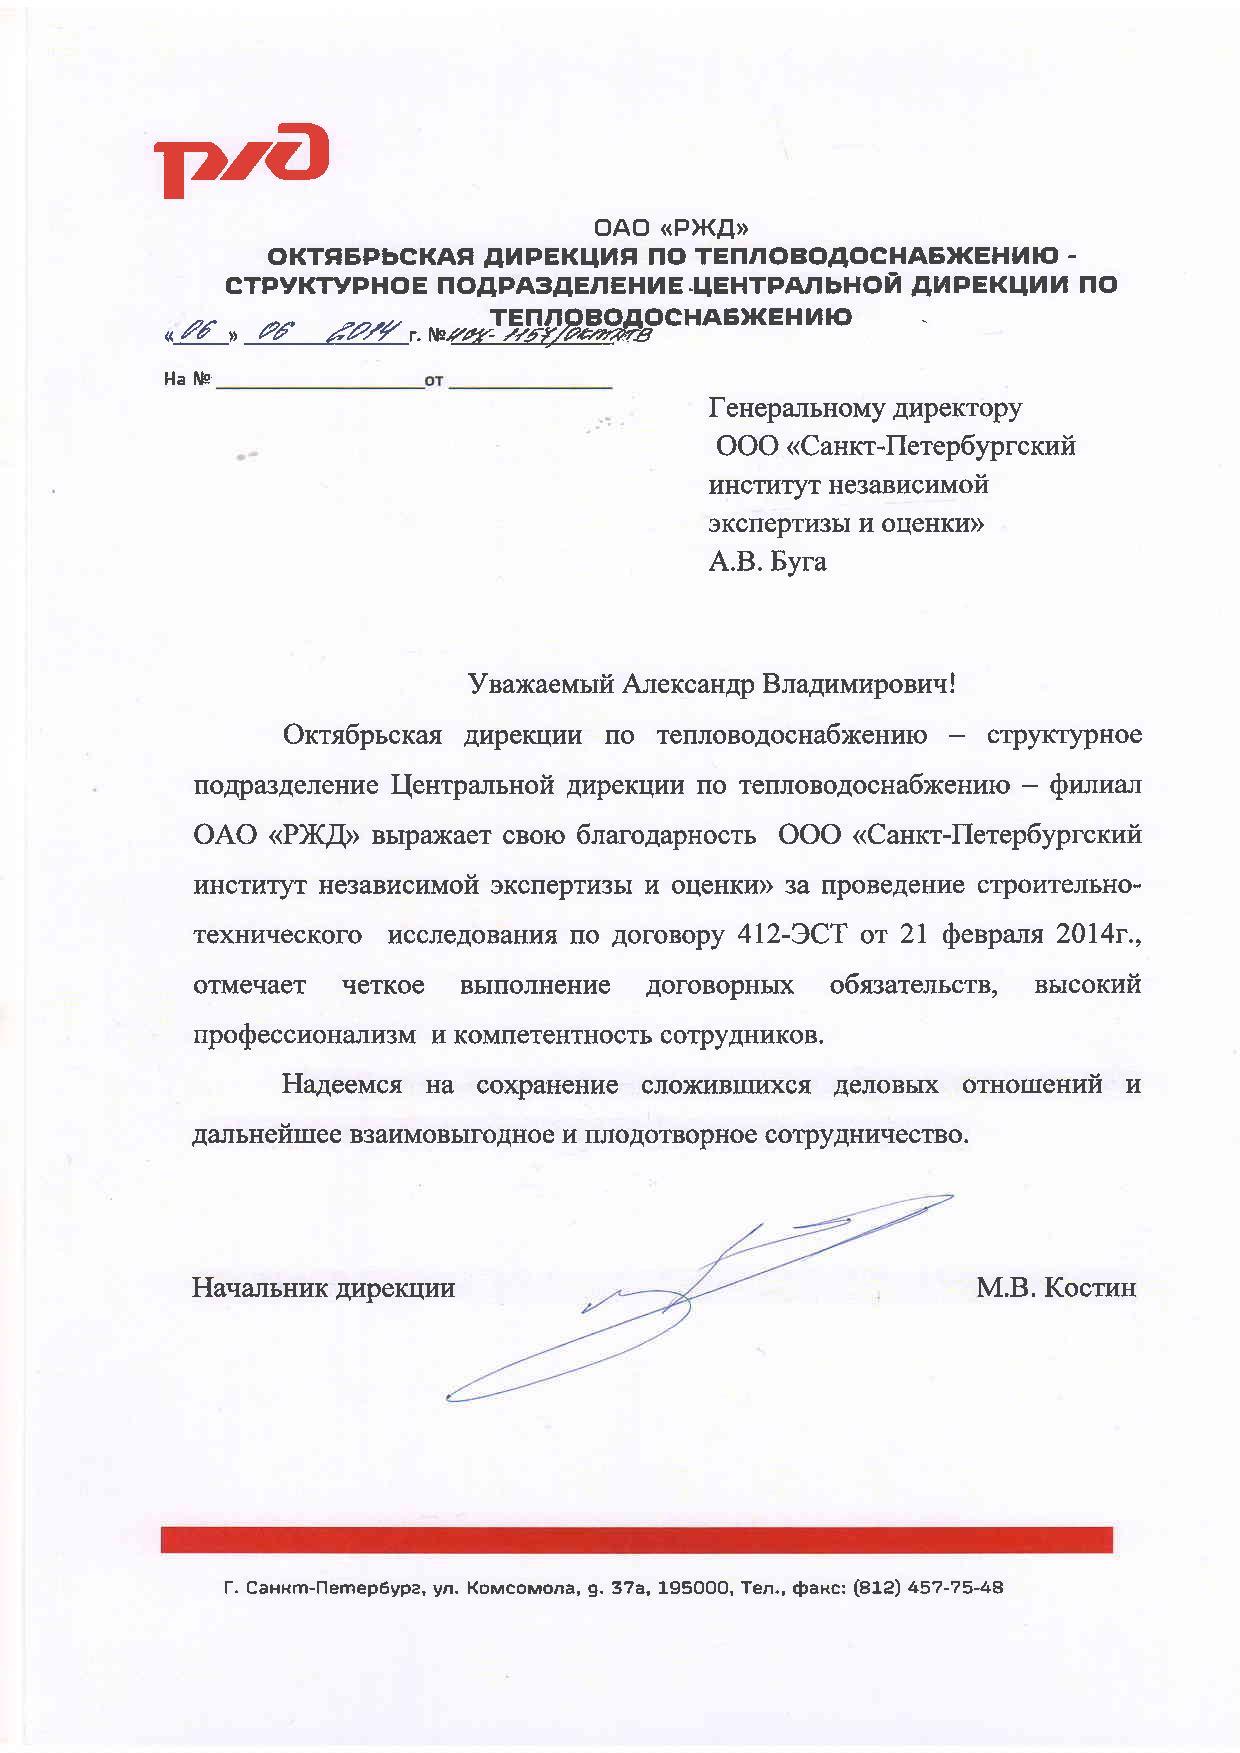 Рекомендация от филиала ОАО